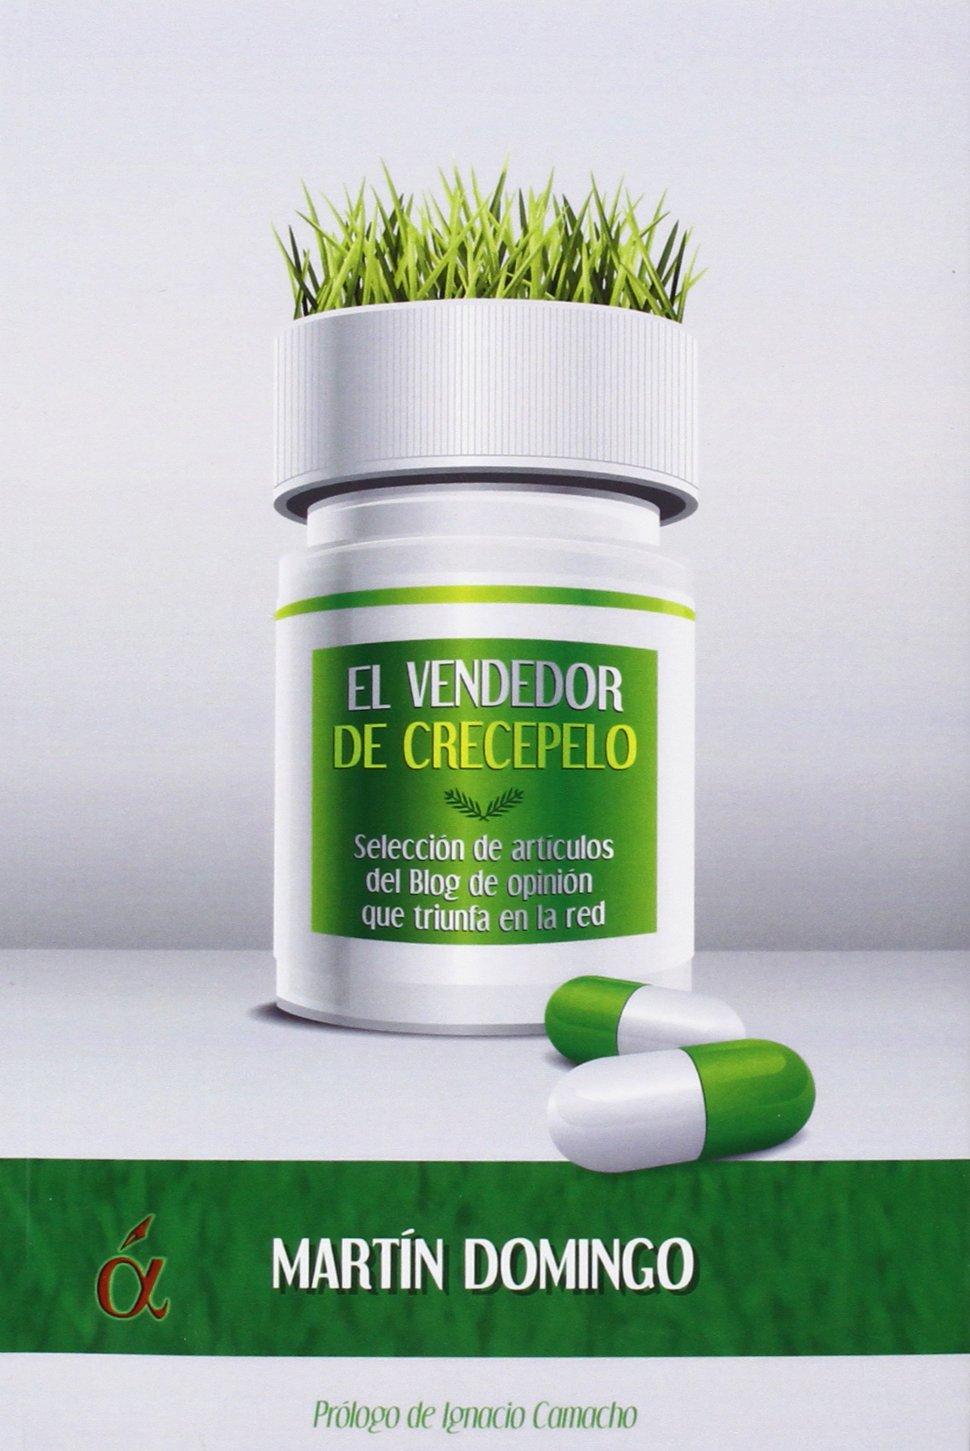 El vendedor de crecepelo: Martín Domingo Carrillo: 9788416405329 ...